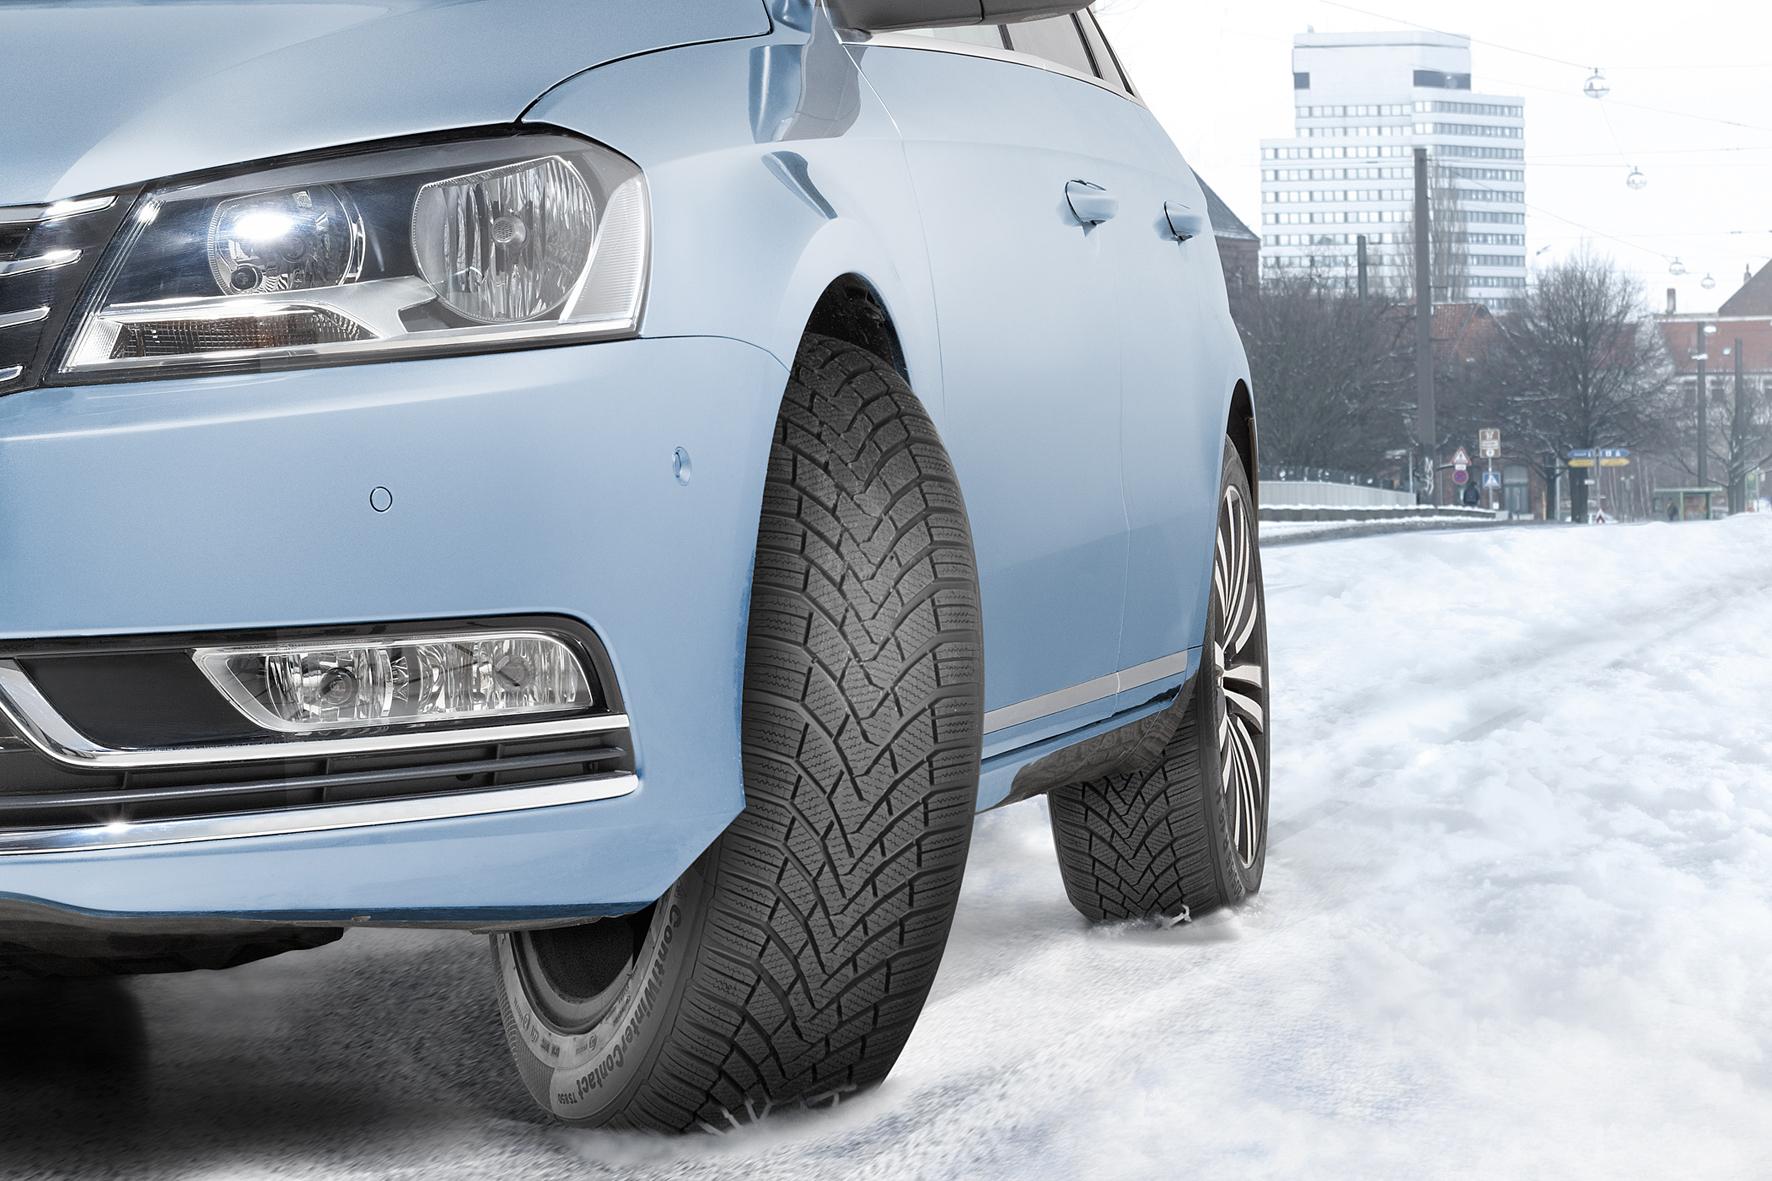 mid Köln - Ordentlich Grip: Die neue Winterreifen-Generation aus dem Hause Continental bietet noch mehr Halt auf verschneiten Straßen.